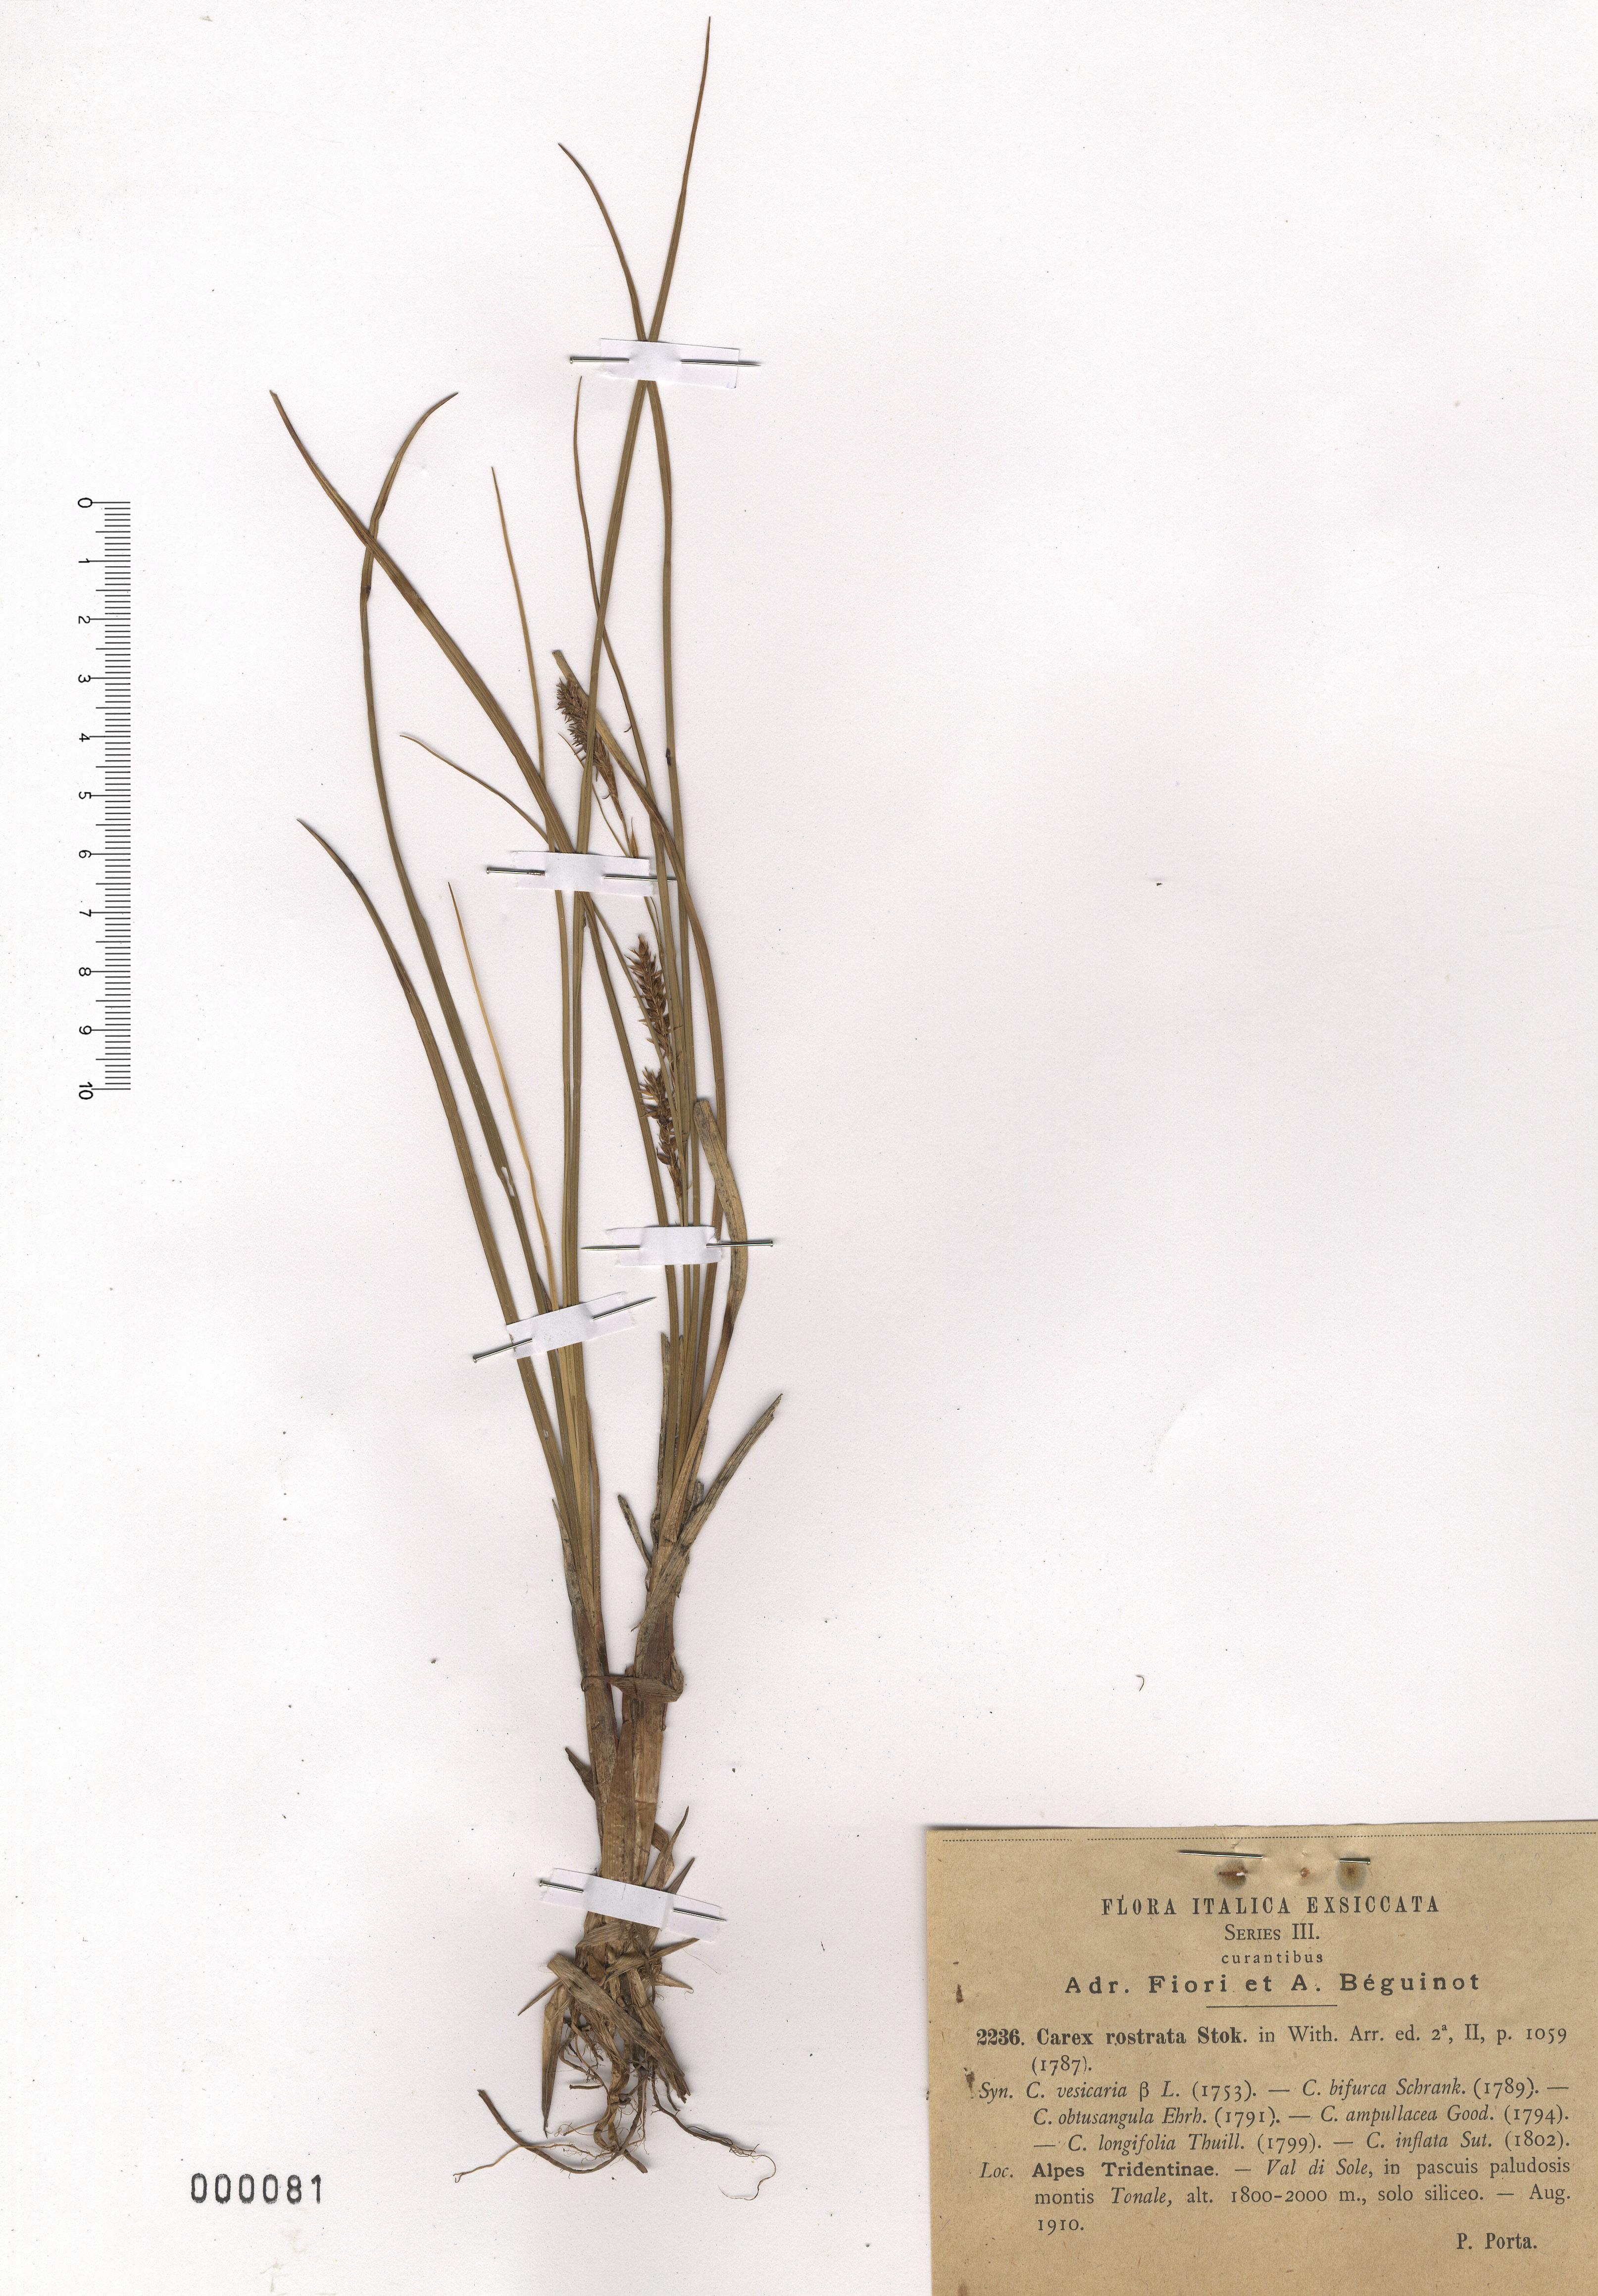 © Hortus Botanicus Catinensis - Herb. sheet 000081<br>